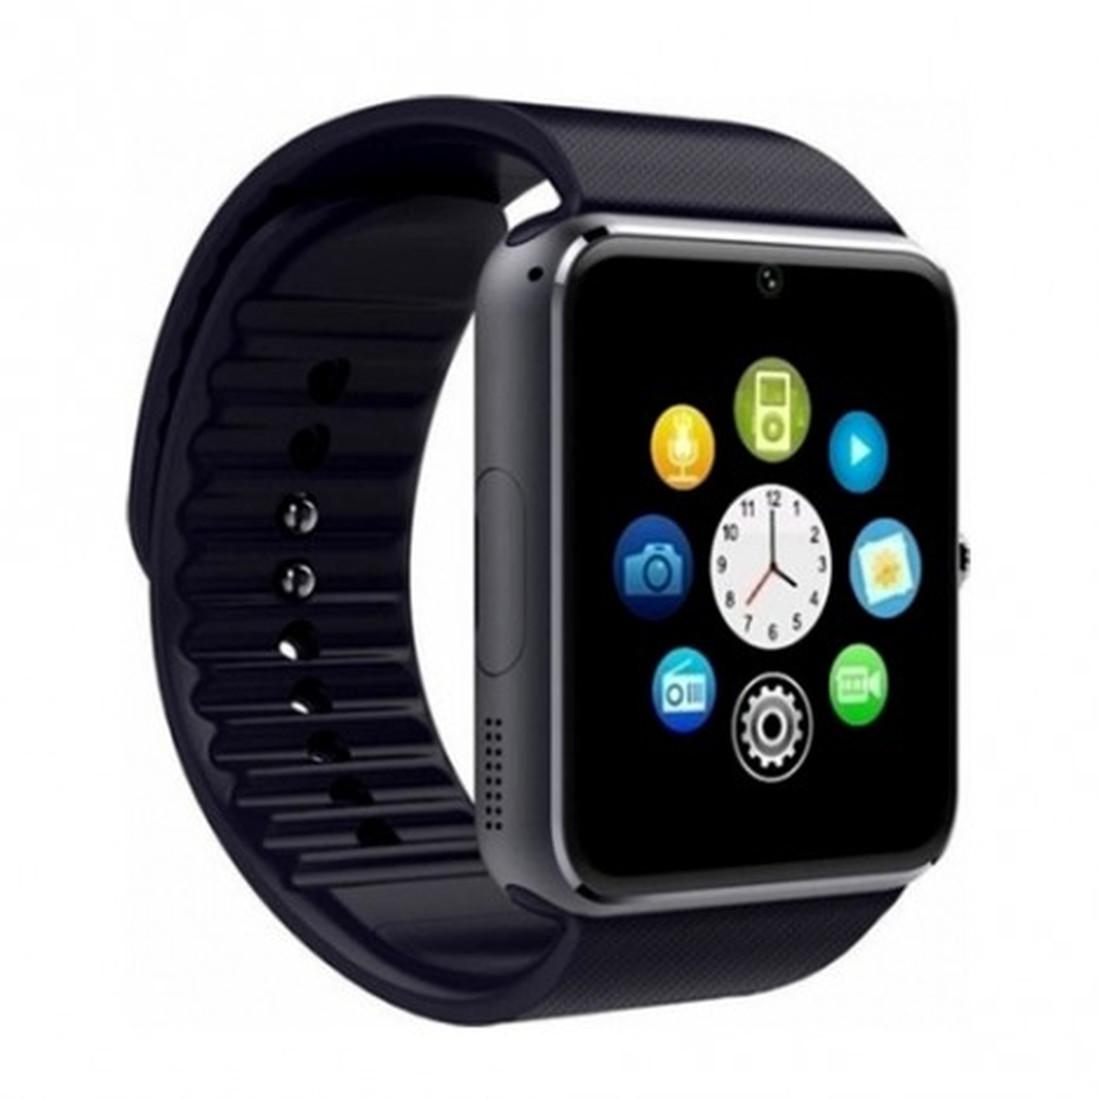 Αυτό το smartwatch μόνο καφέ δεν ψήνει